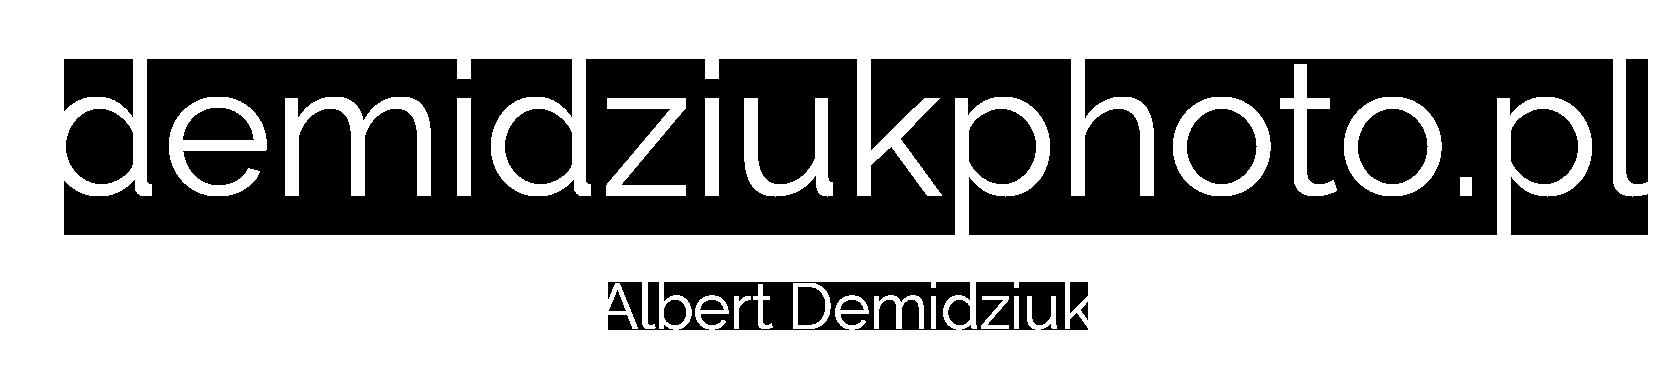 Albert Demidziuk